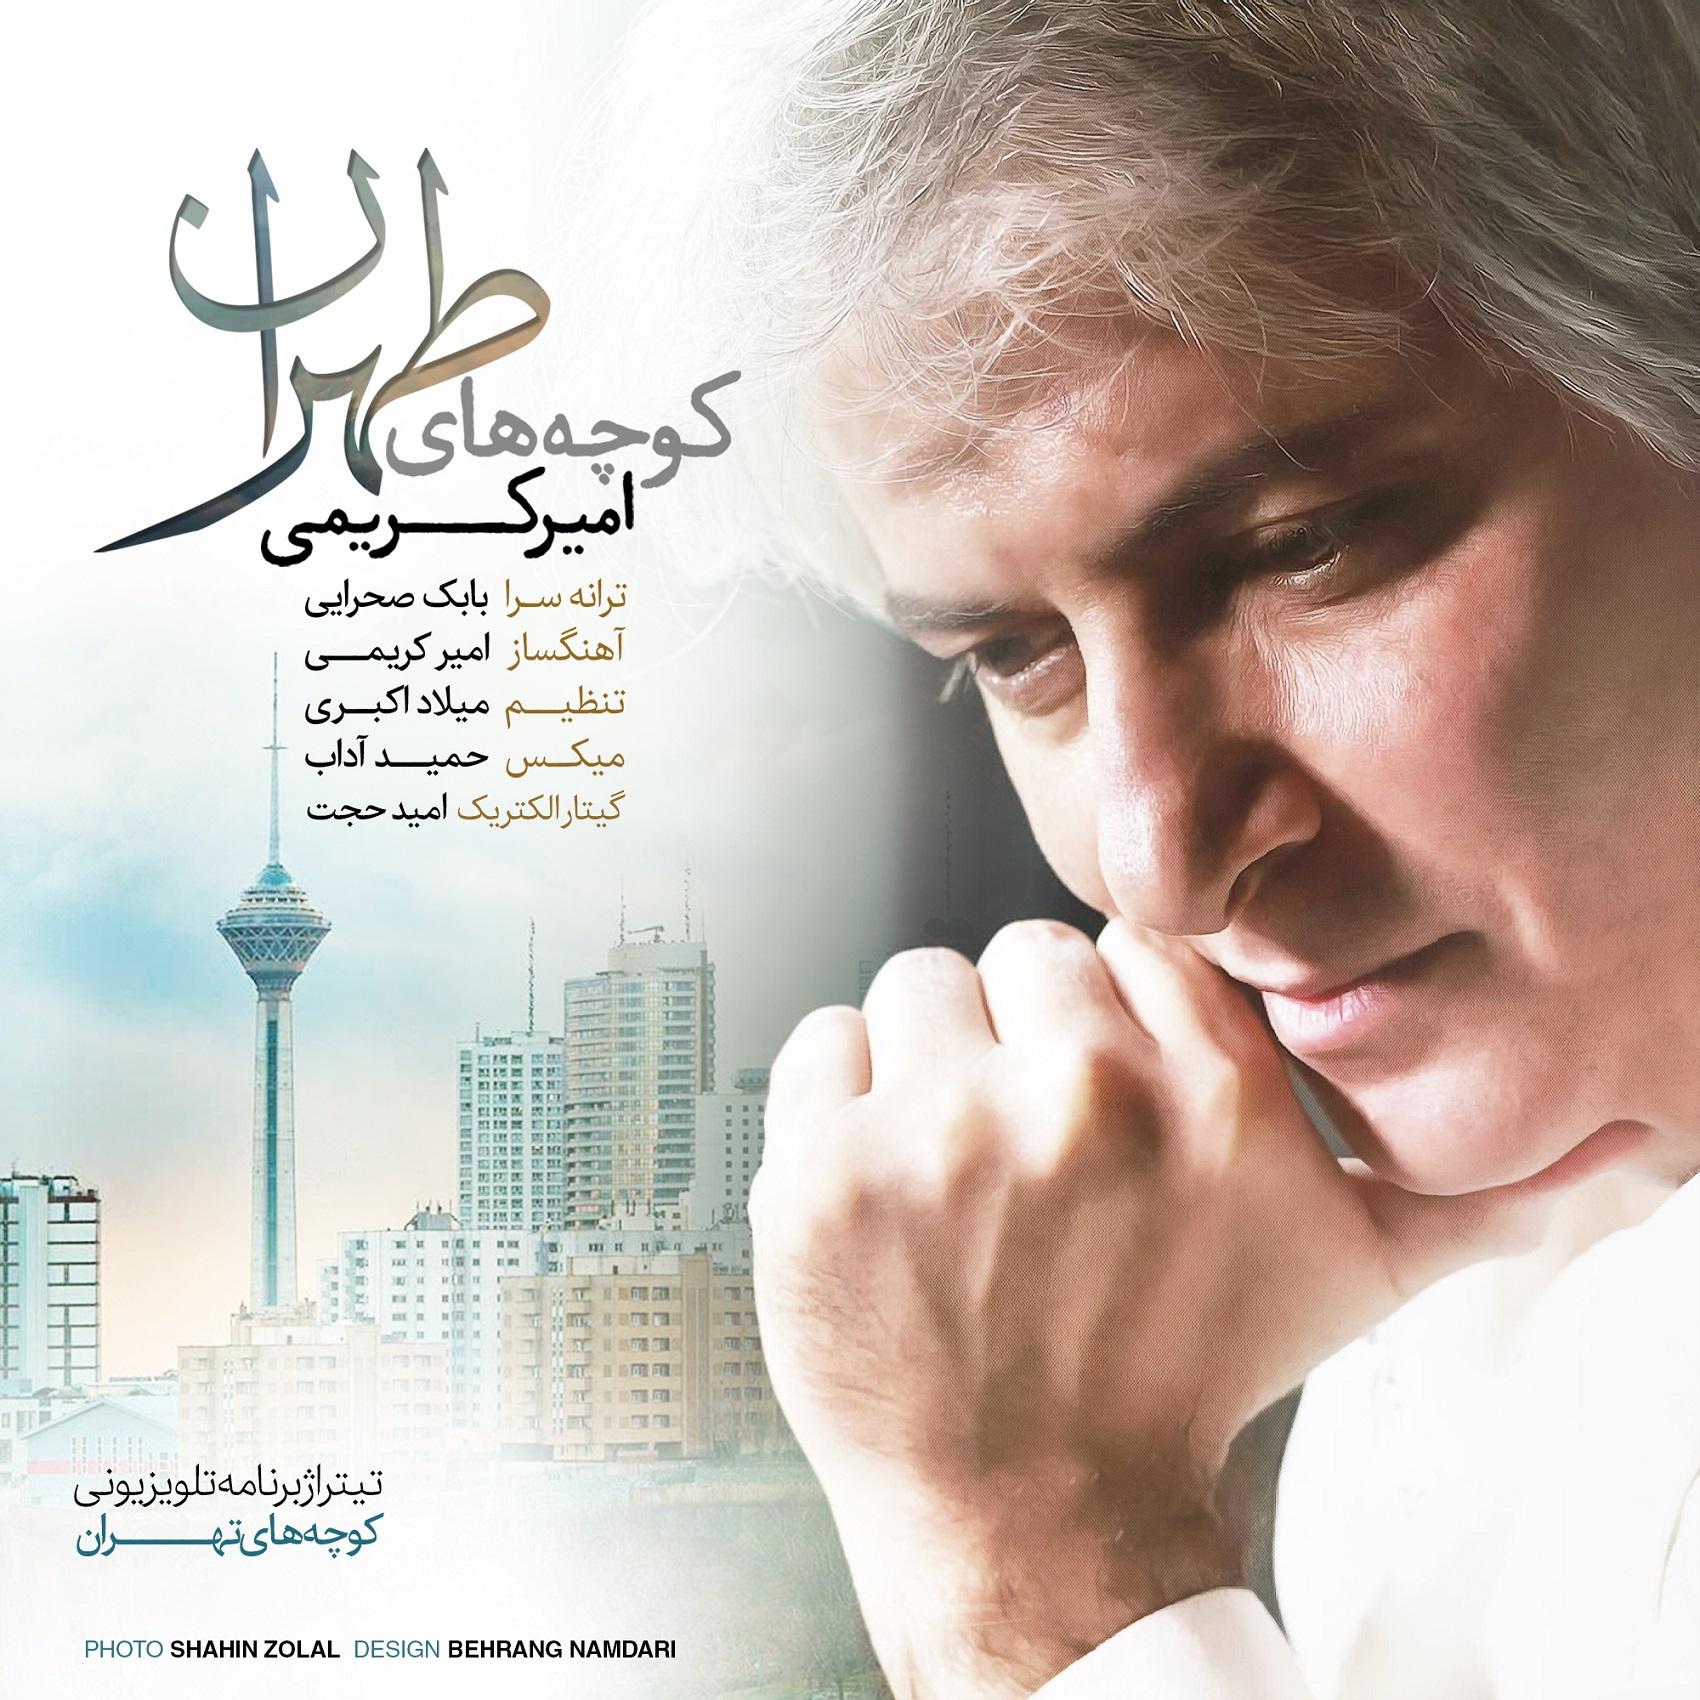 «کوچه های تهران» را  با صدای امیر کریمی آنلاین بشنوید و دانلود کنید